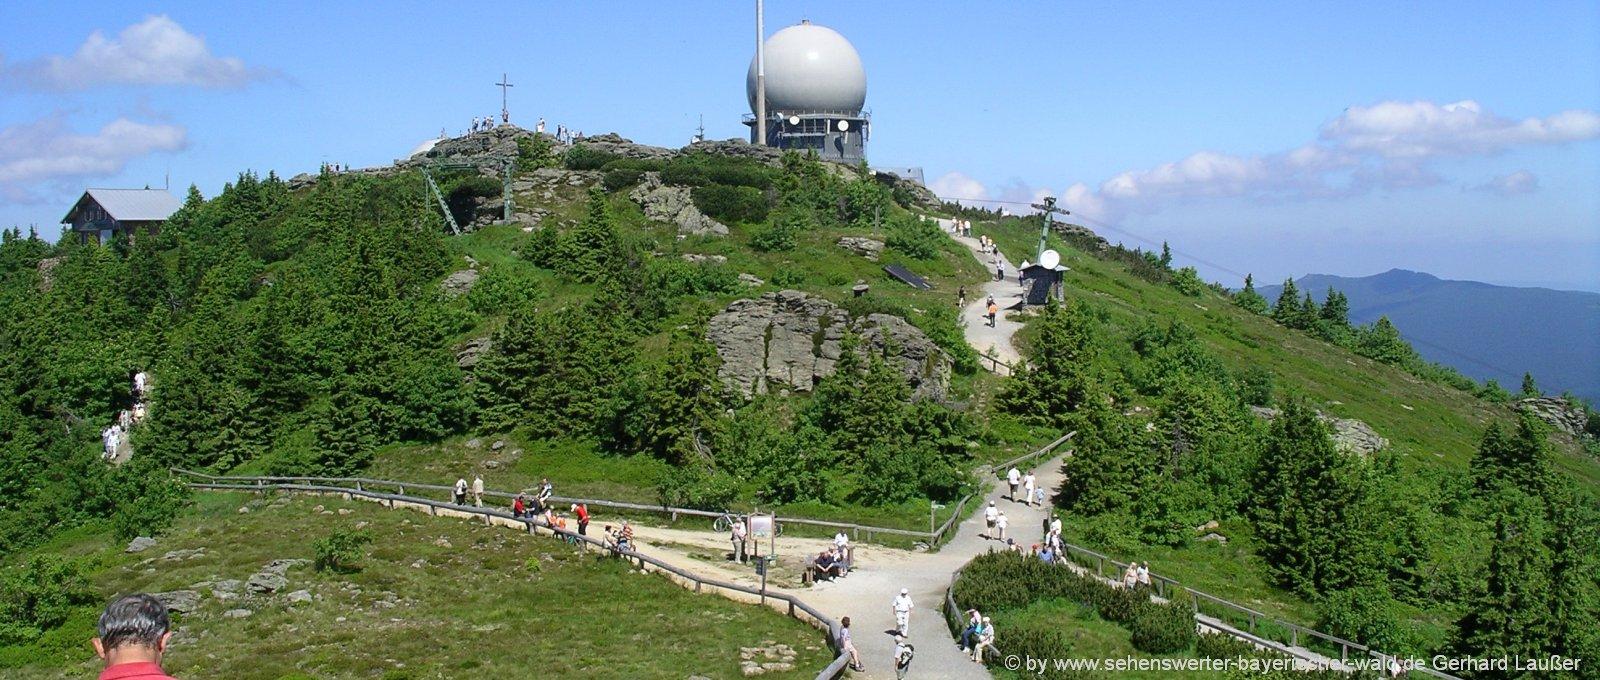 ausflugsziele-pension-bayerischer-wald-arber-berggipfel-sehenswürdigkeiten